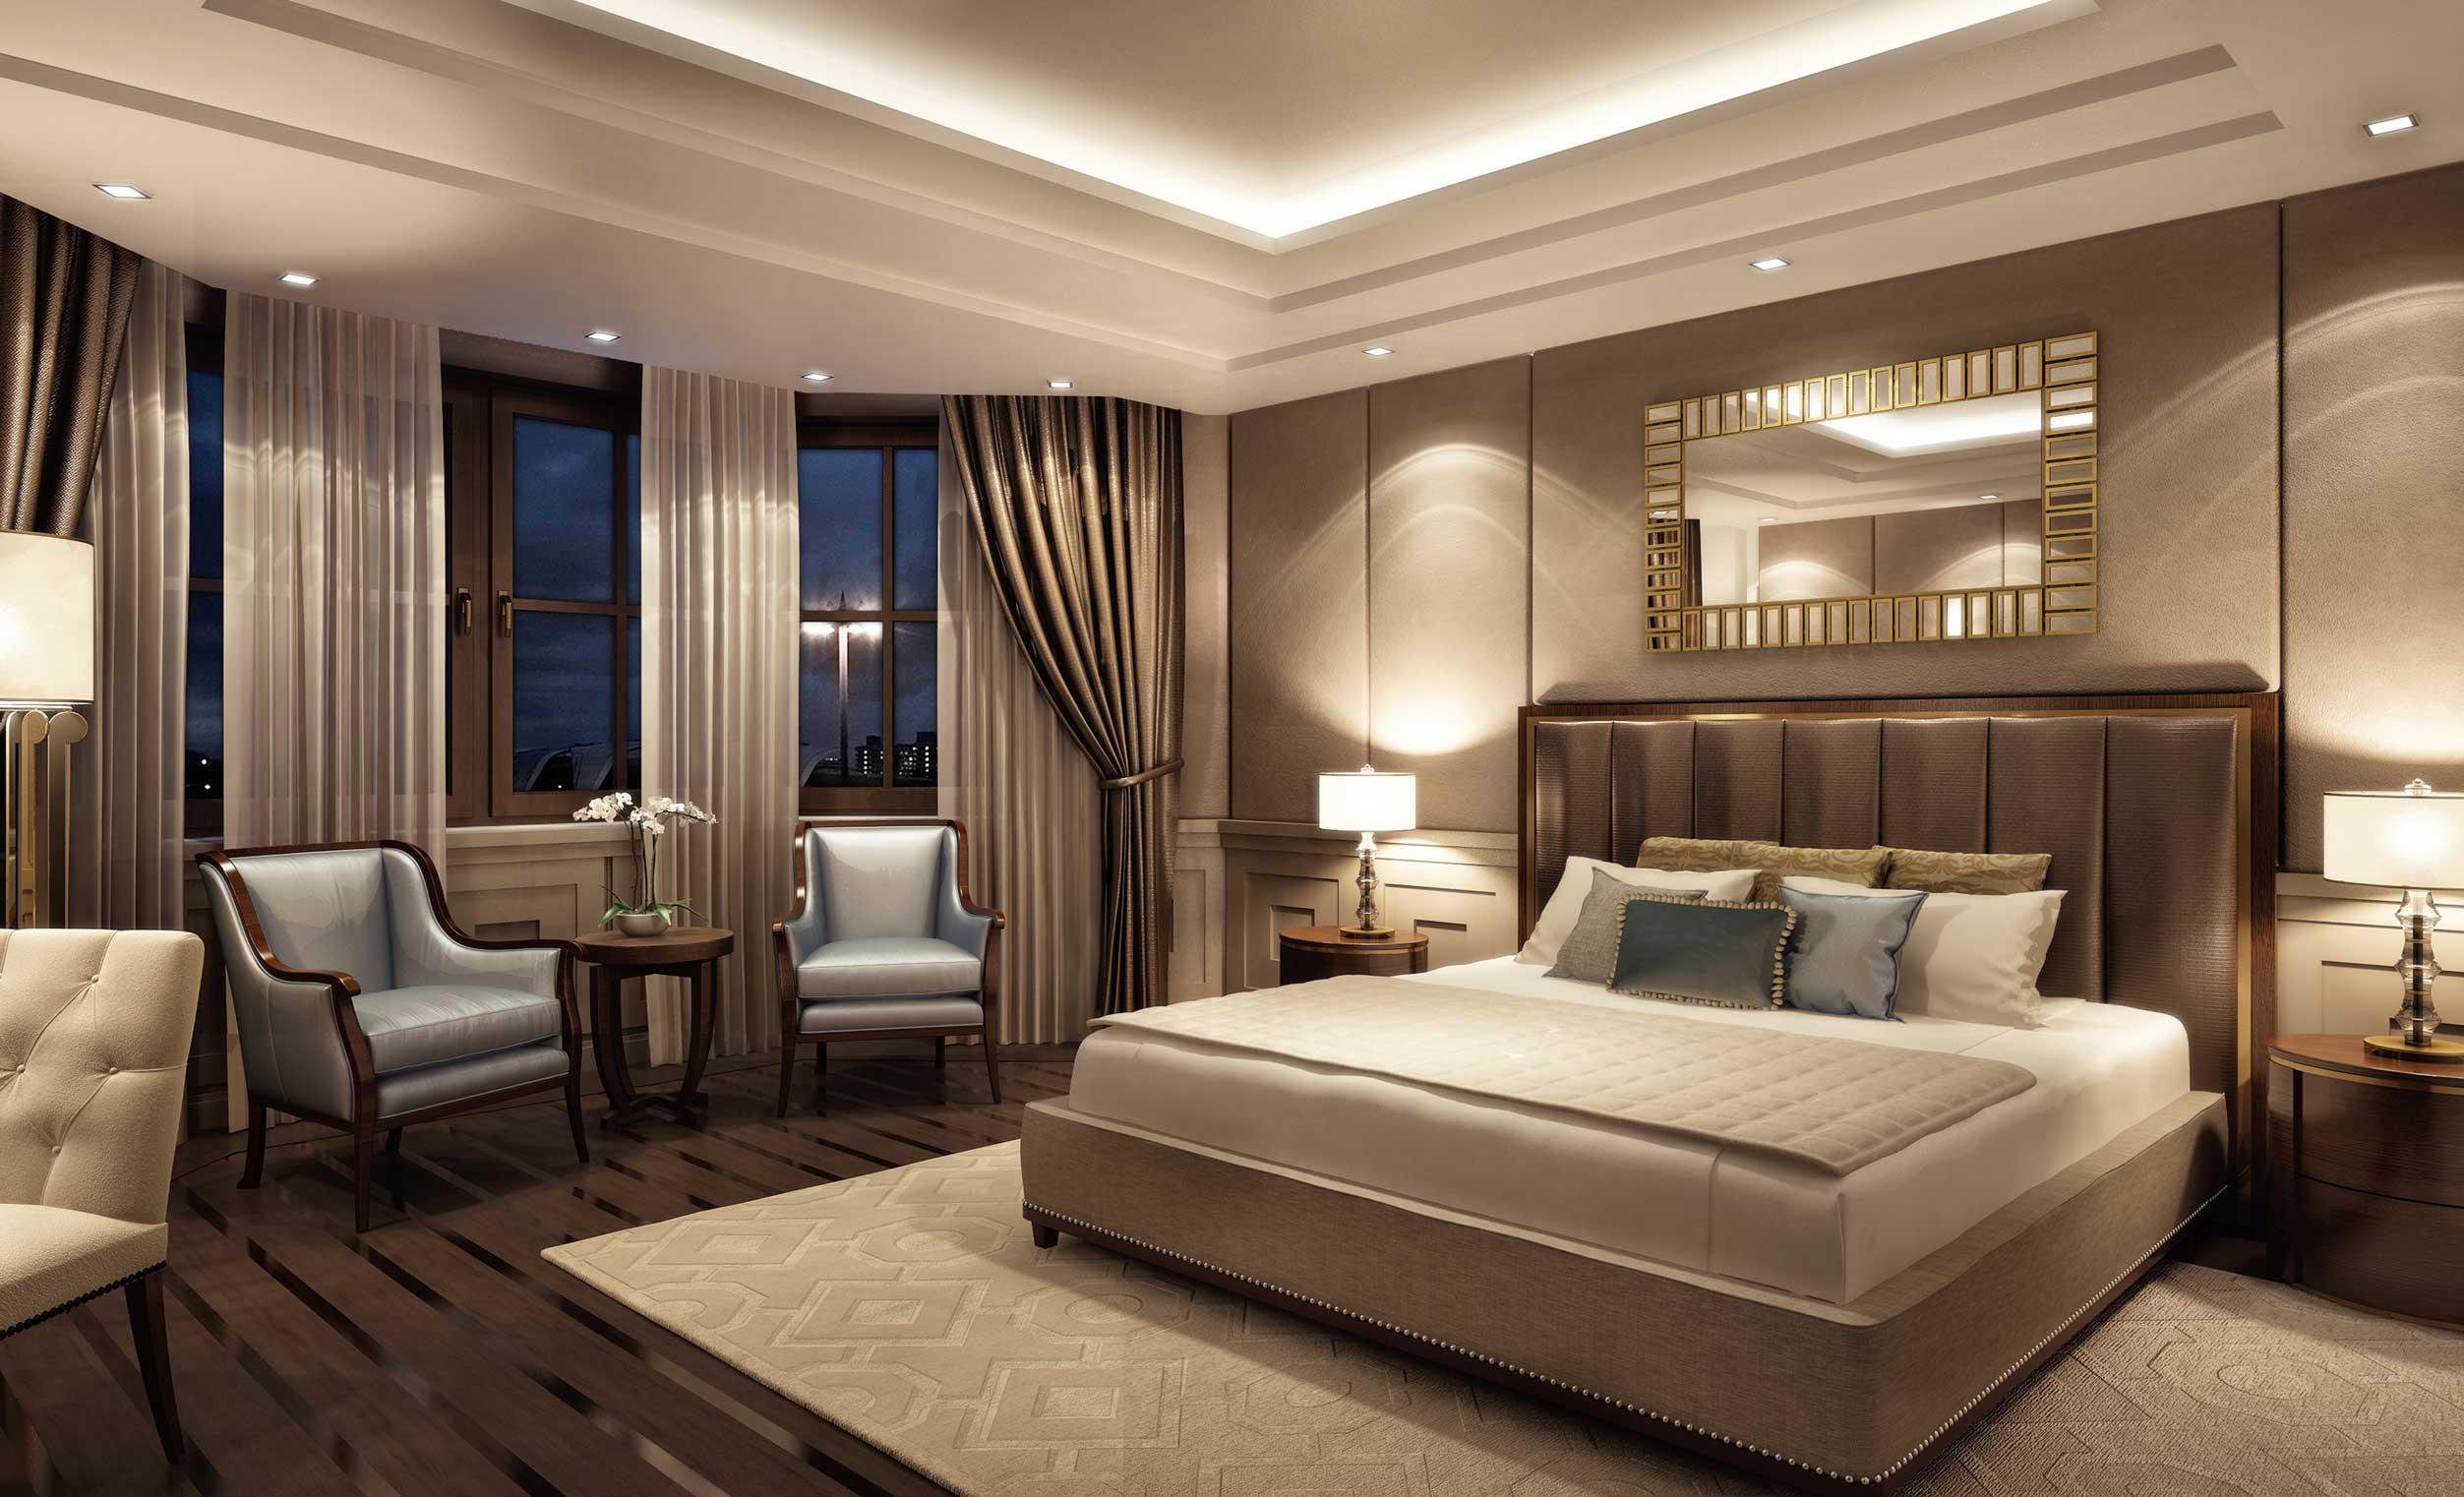 Hotel President, tipska soba, Moskva, Rusija